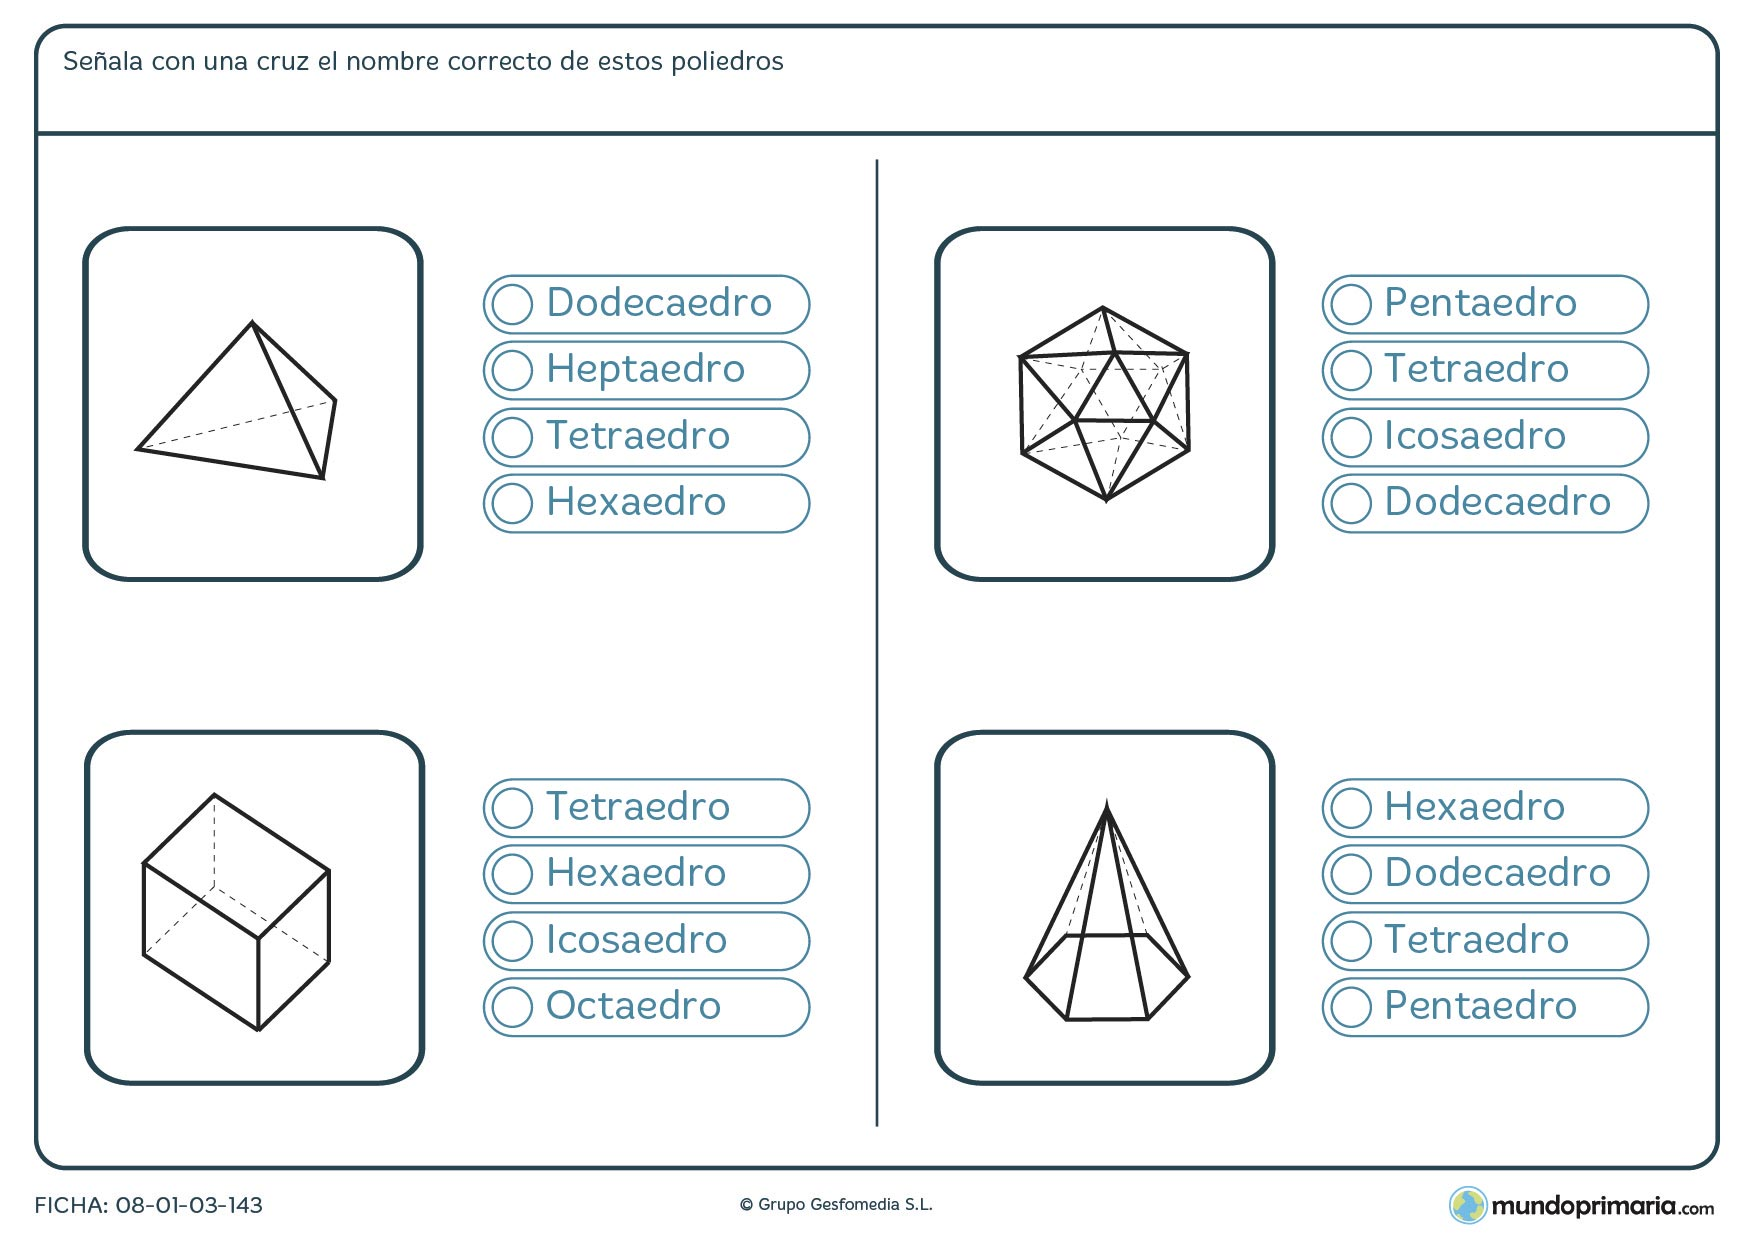 Ficha de poliedros en la que has de marcar el nombre correcto de los poliedros que aparecen.